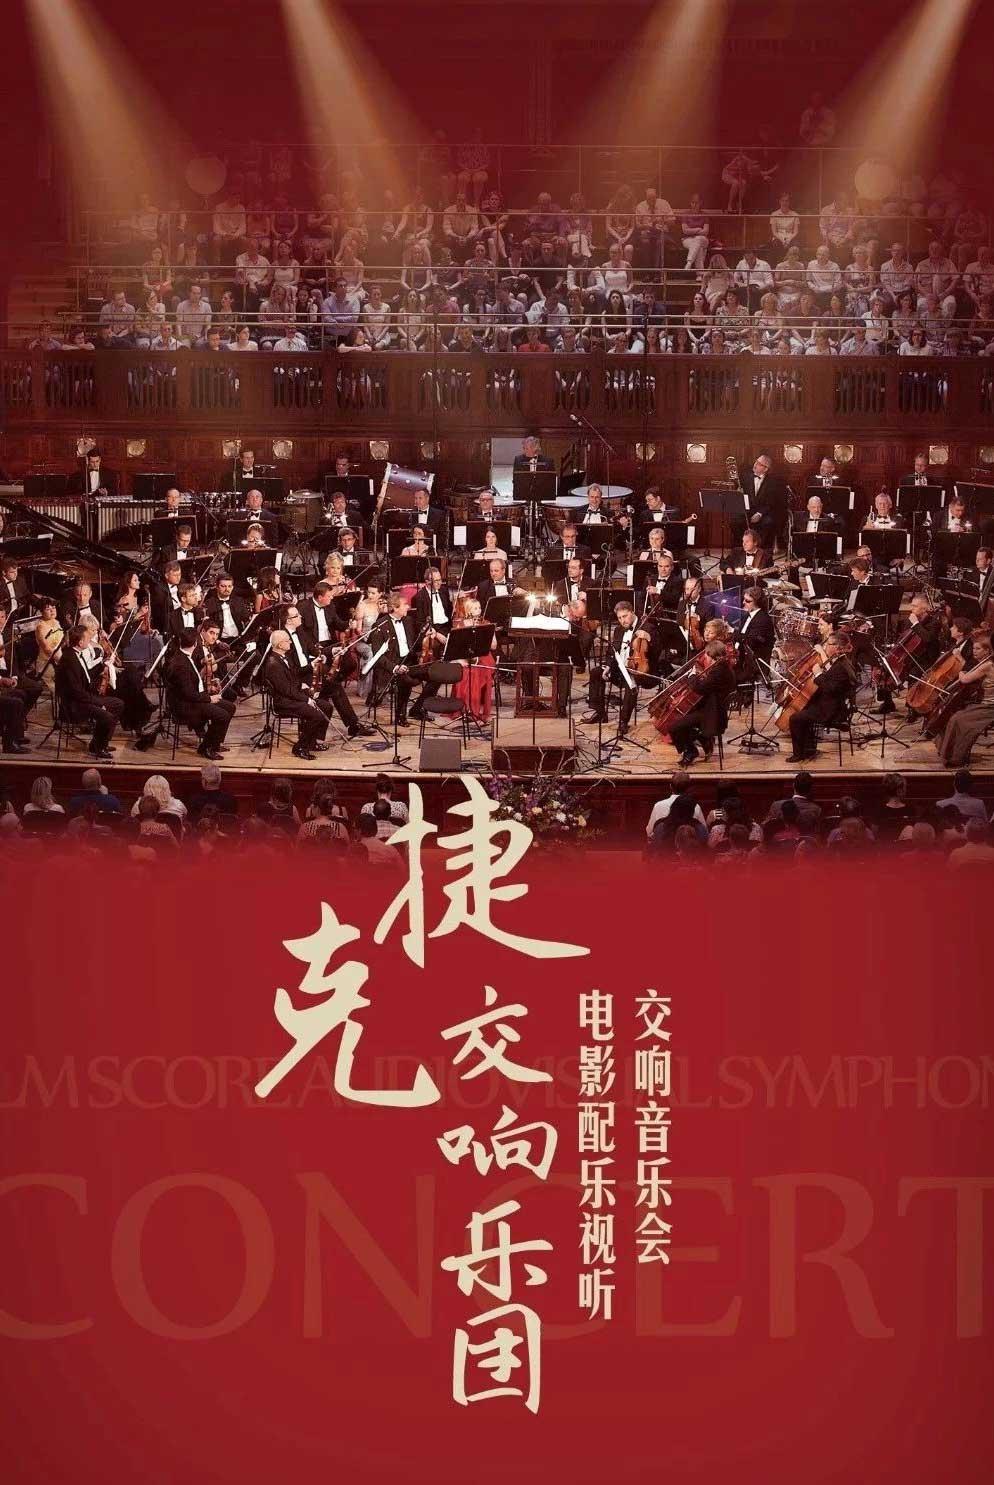 捷克交响乐团德州音乐会